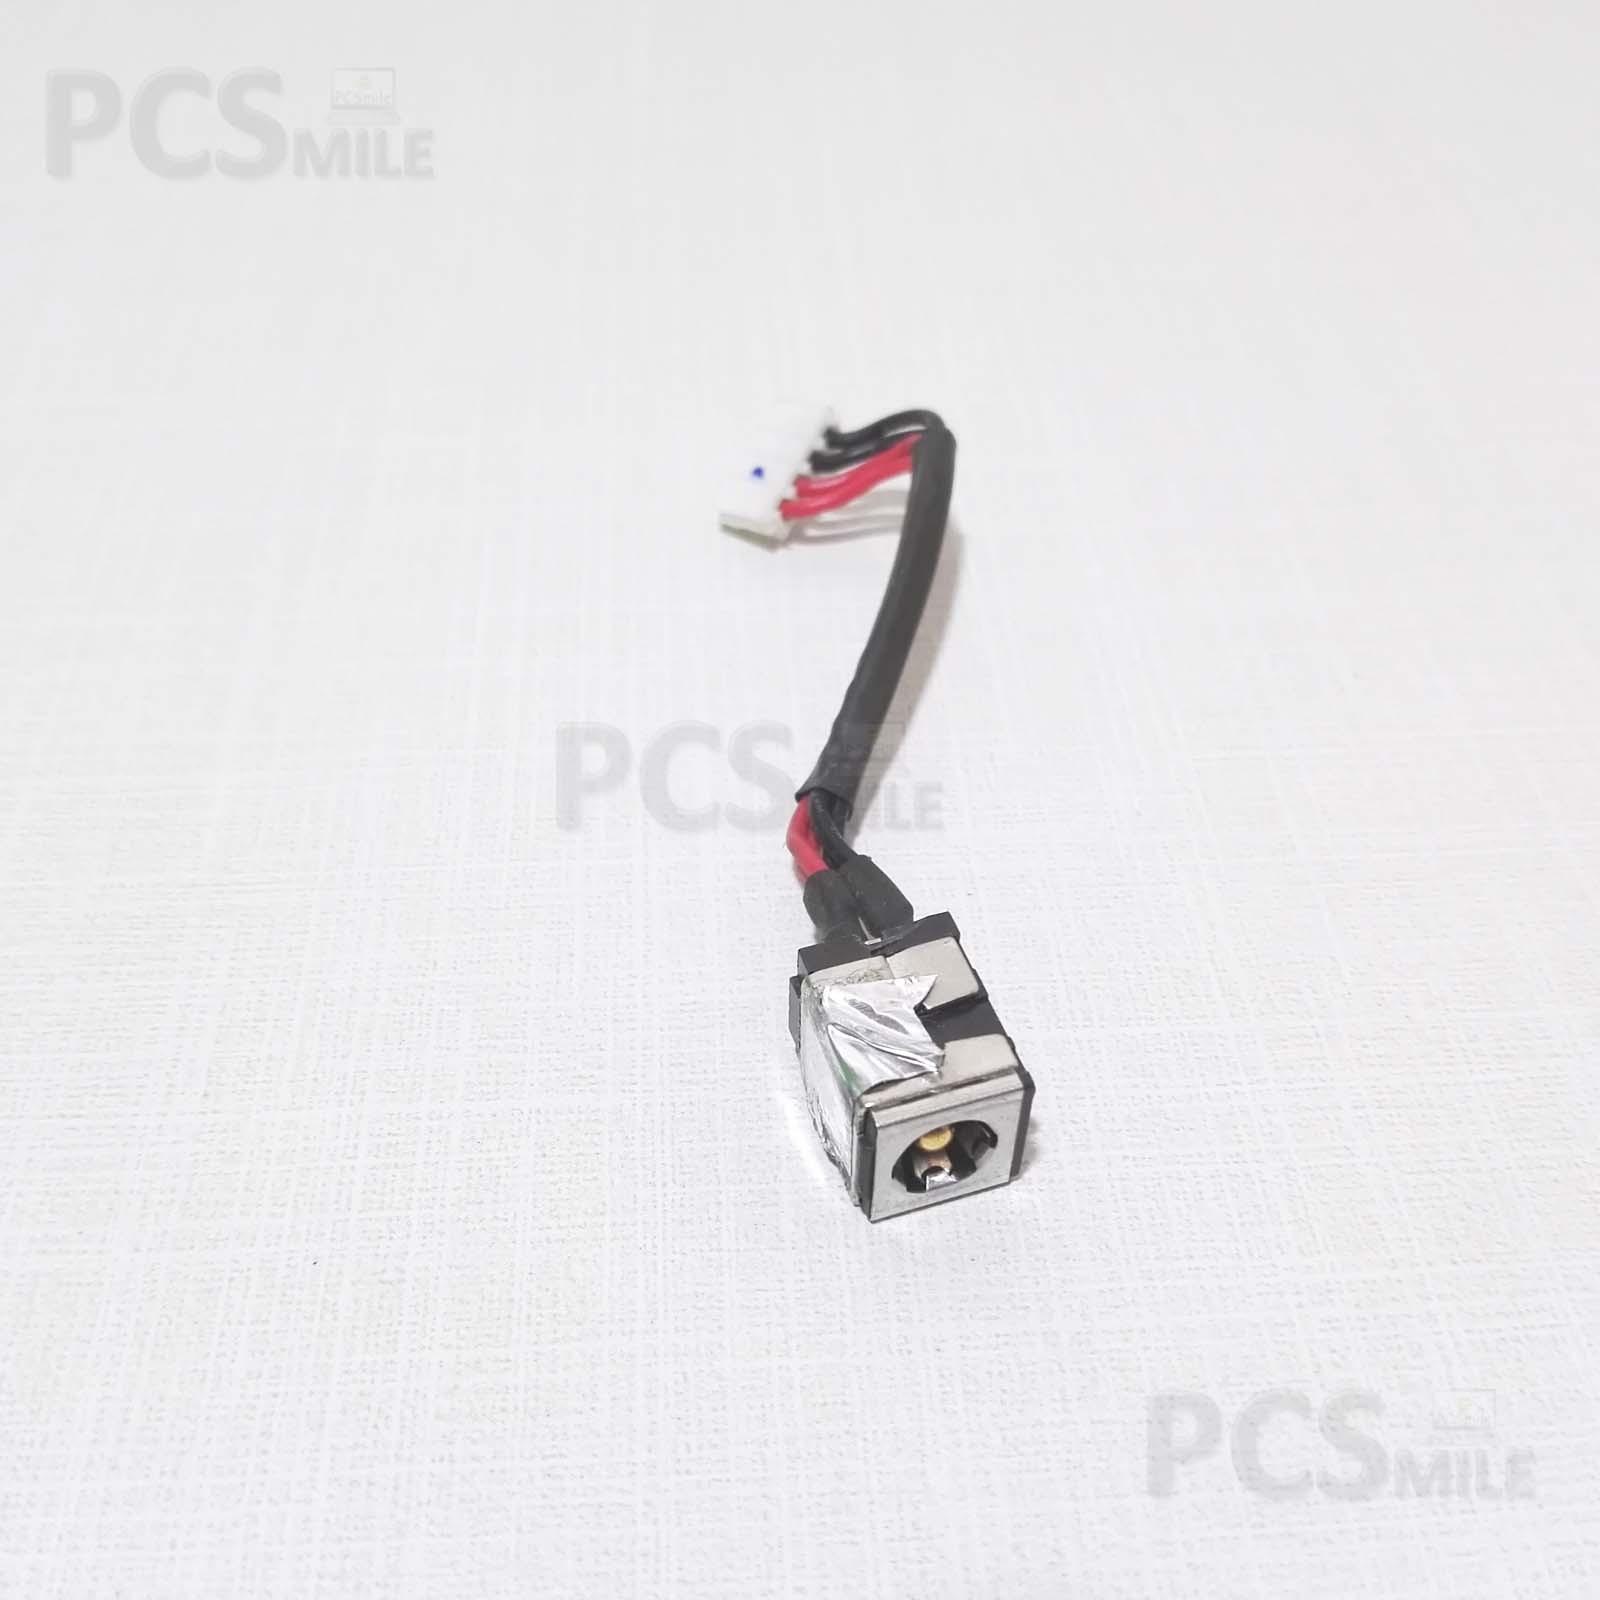 Jack alimentazione originale Asus K50C attacco 4 pin